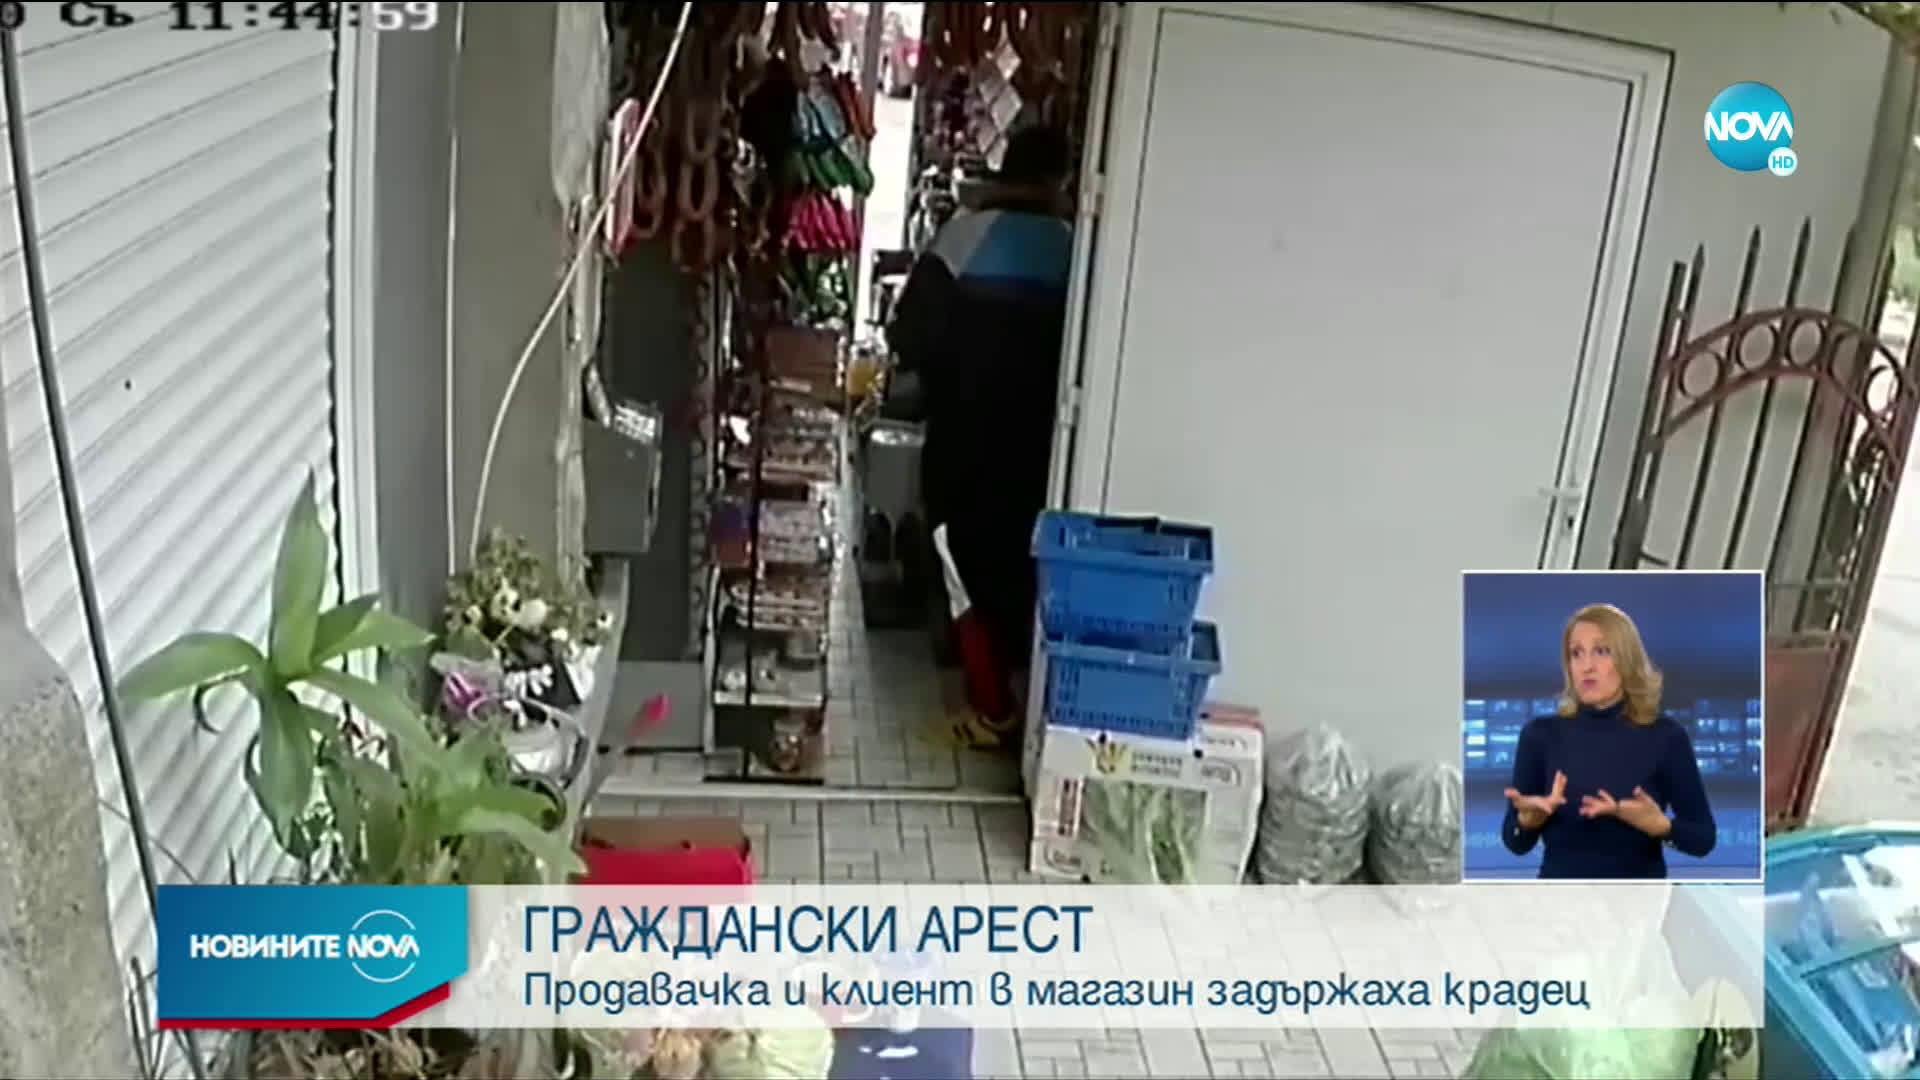 ГРАЖДАНСКИ АРЕСТ: Продавачка и клиент в магазин задържаха крадец